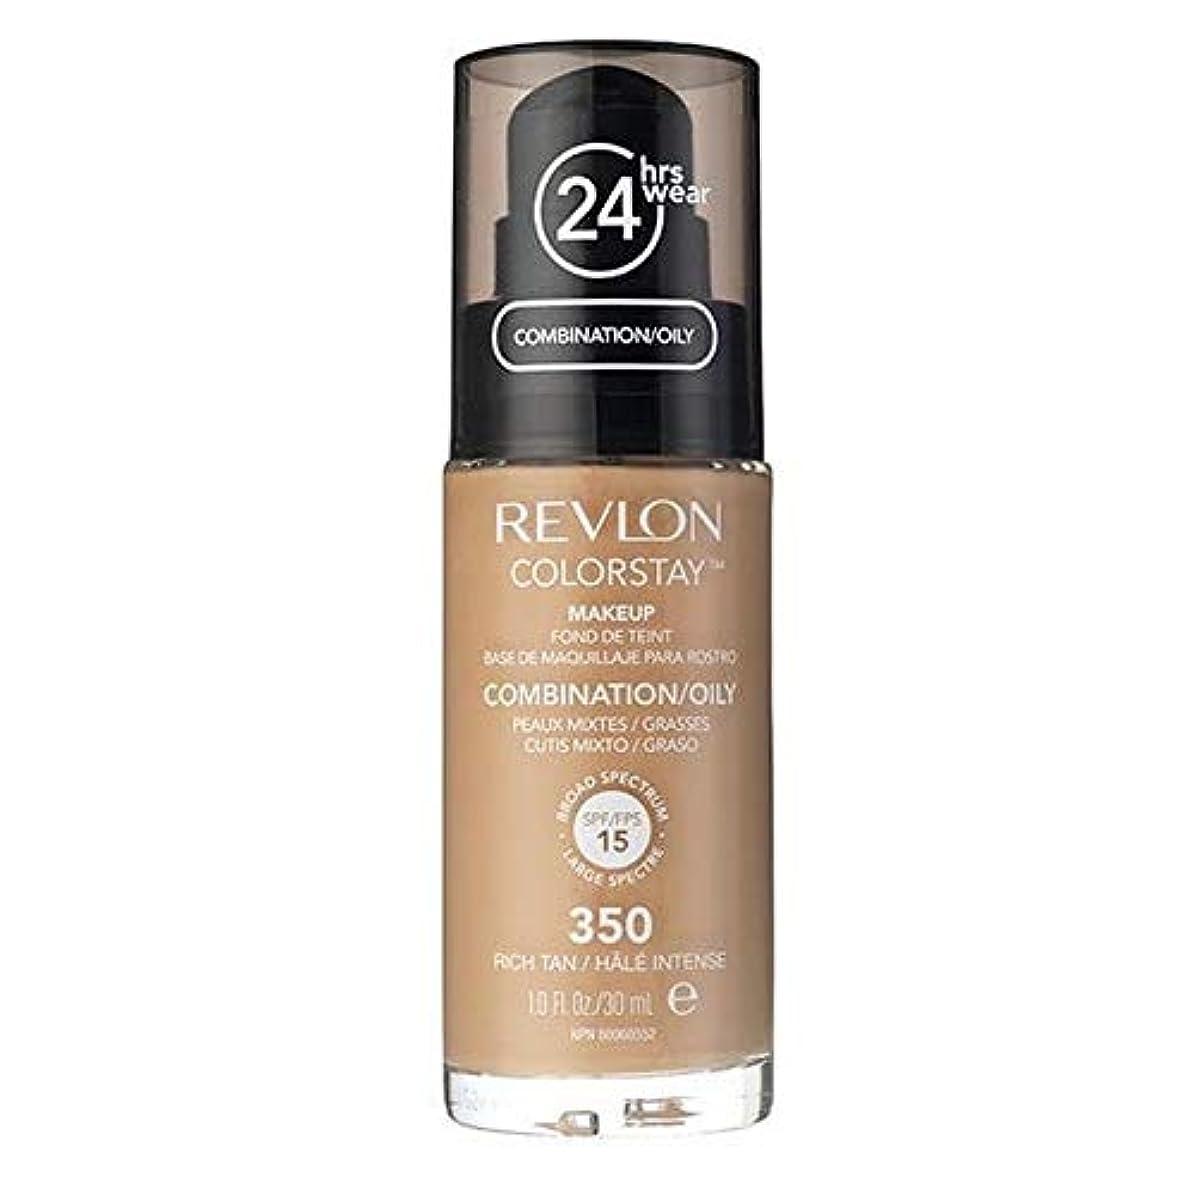 動揺させる円形バーベキュー[Revlon ] レブロンカラーステイ基盤コンビ/油性豊かな日焼け30ミリリットル - Revlon Color Stay Foundation Combi/Oily Rich Tan 30ml [並行輸入品]